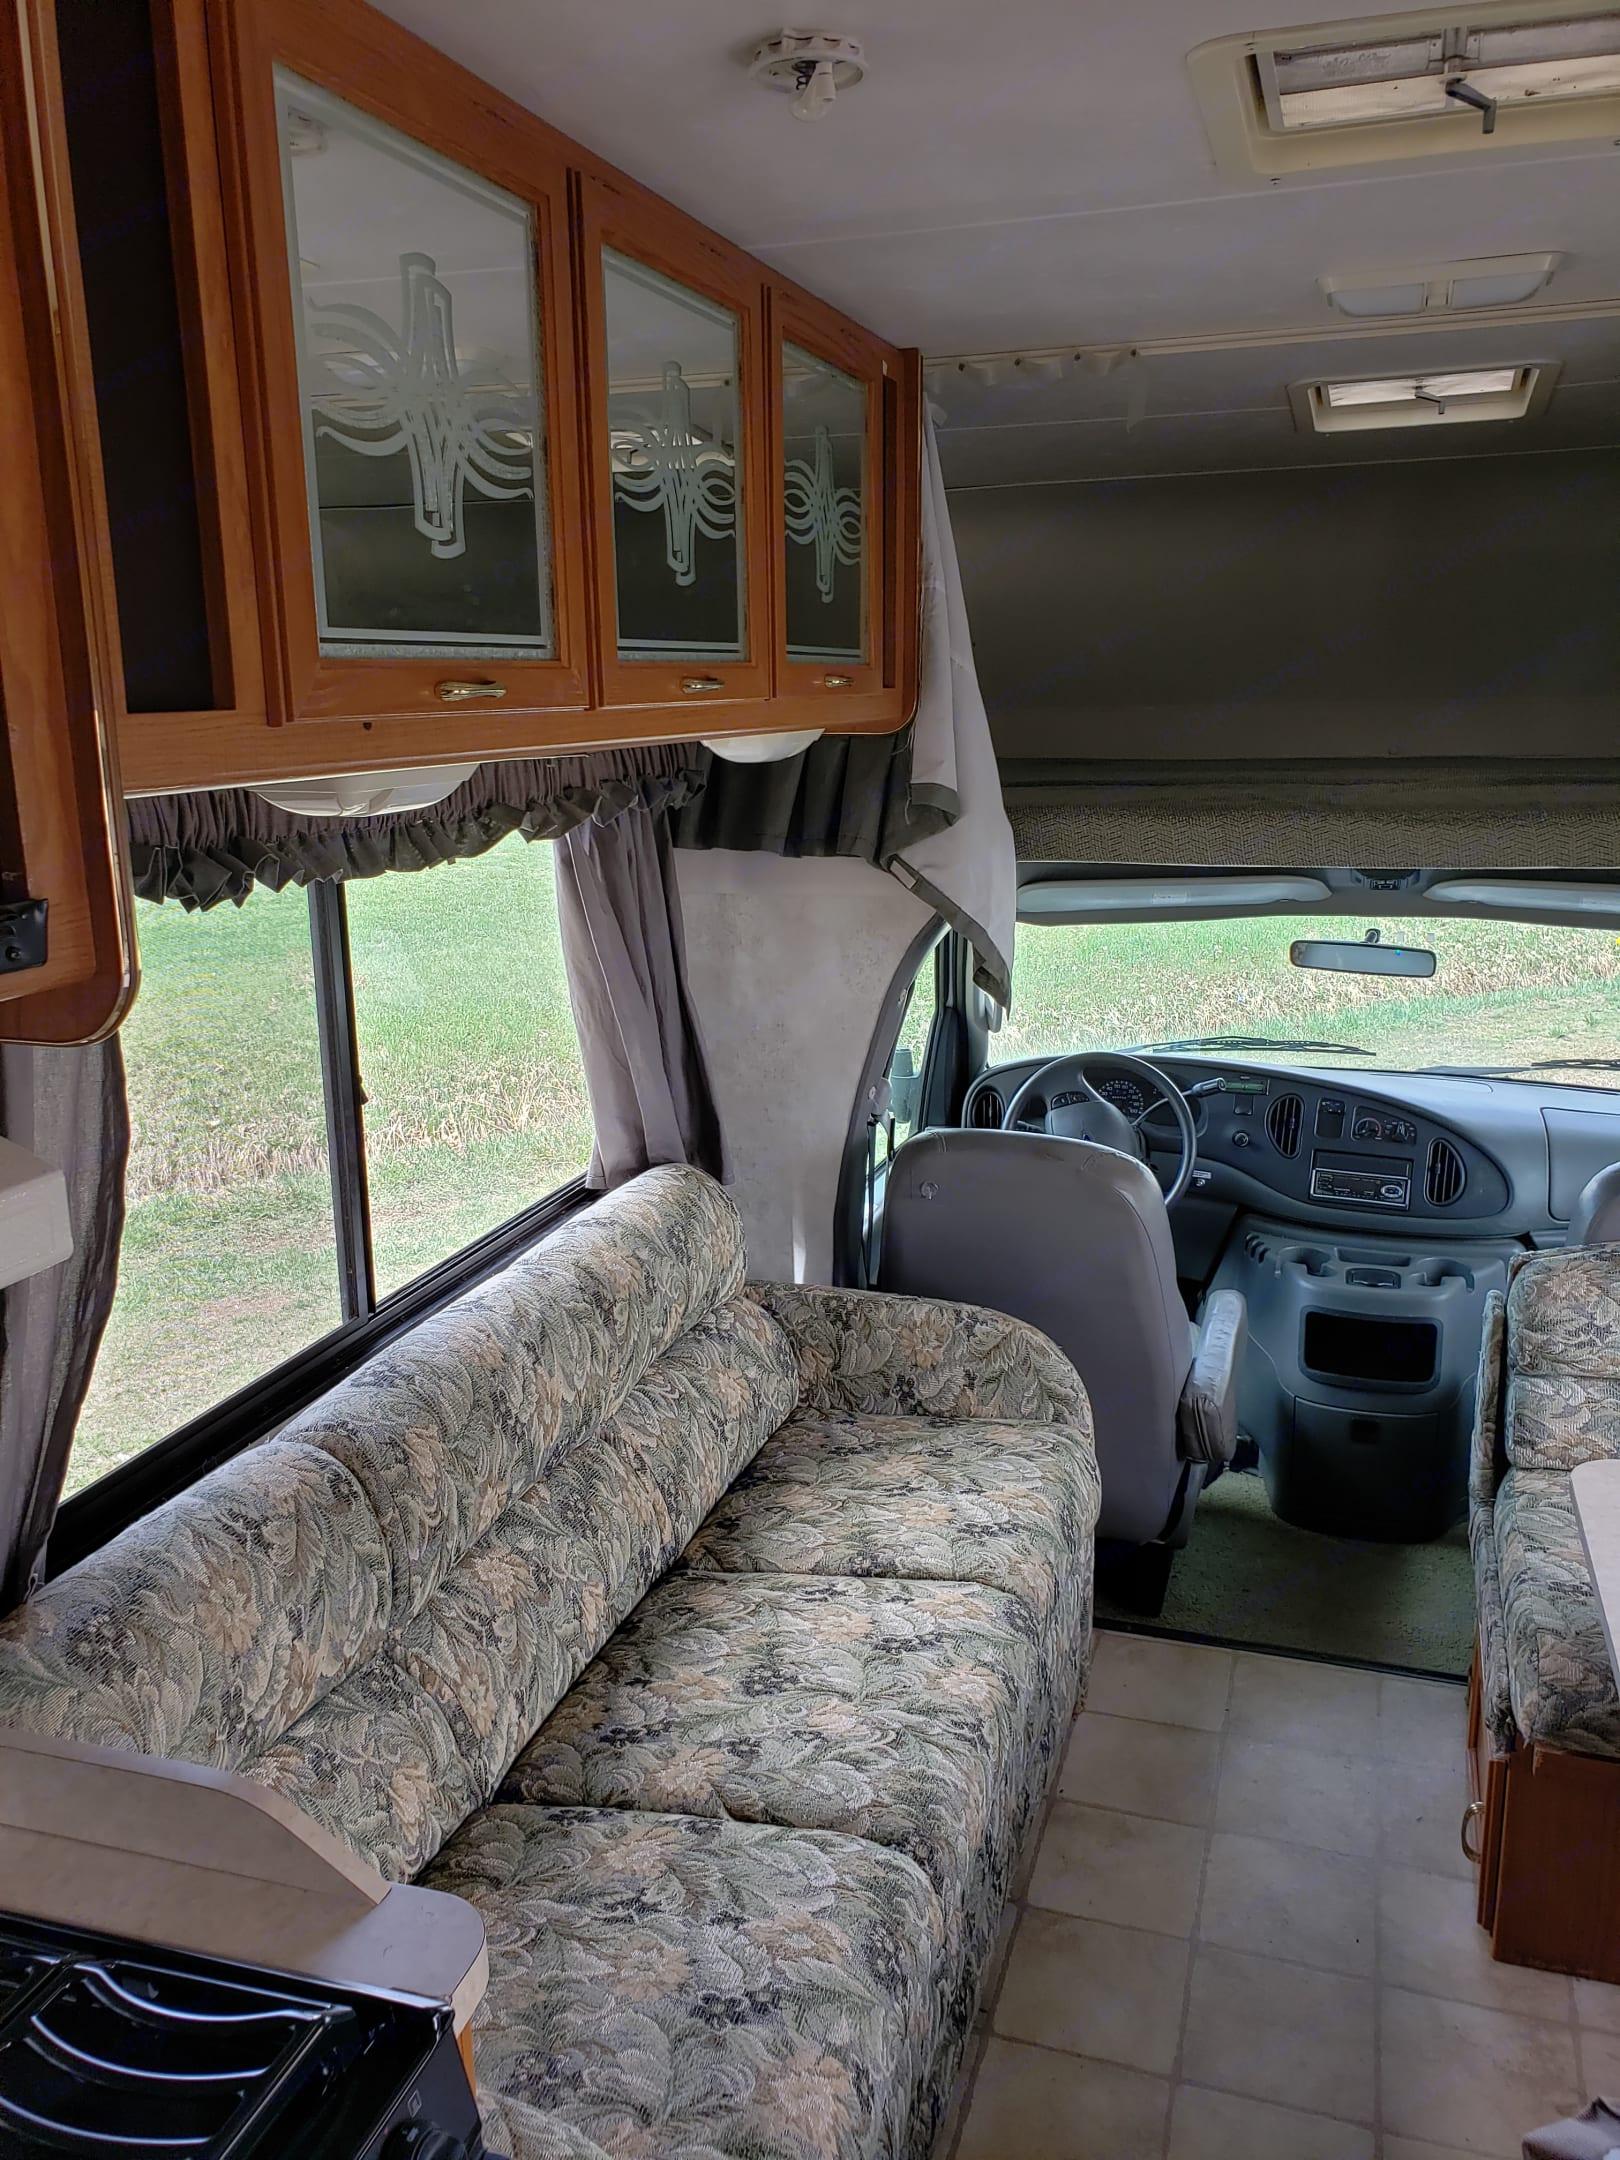 Coachmen Roadmaster 2004